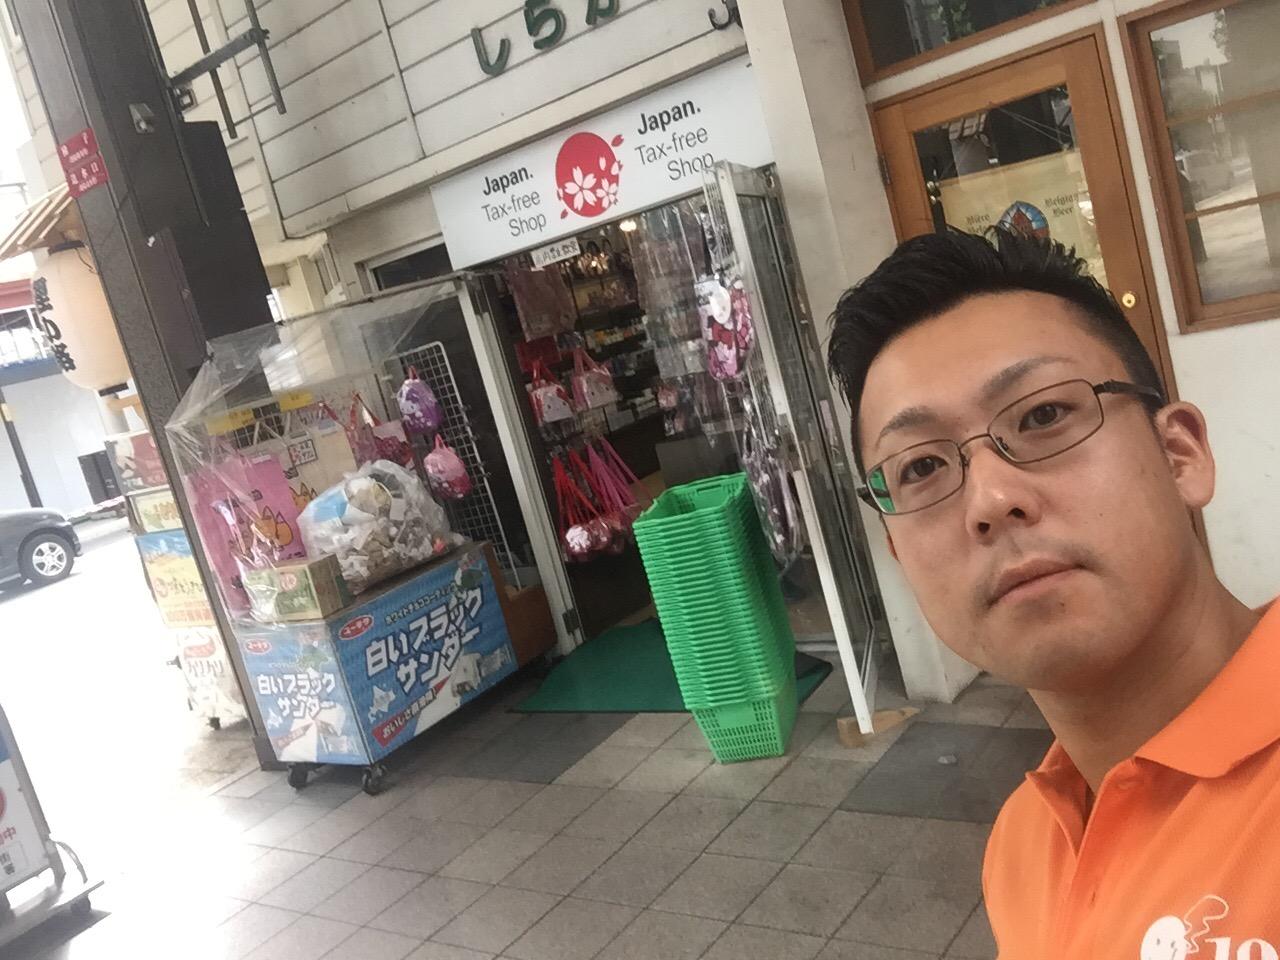 7月22日 金曜日の本店はみんなでブログ!◝(⁰▿⁰)◜ 夏休みのお出かけはTOMMYレンタカー♫_b0127002_17343839.jpg